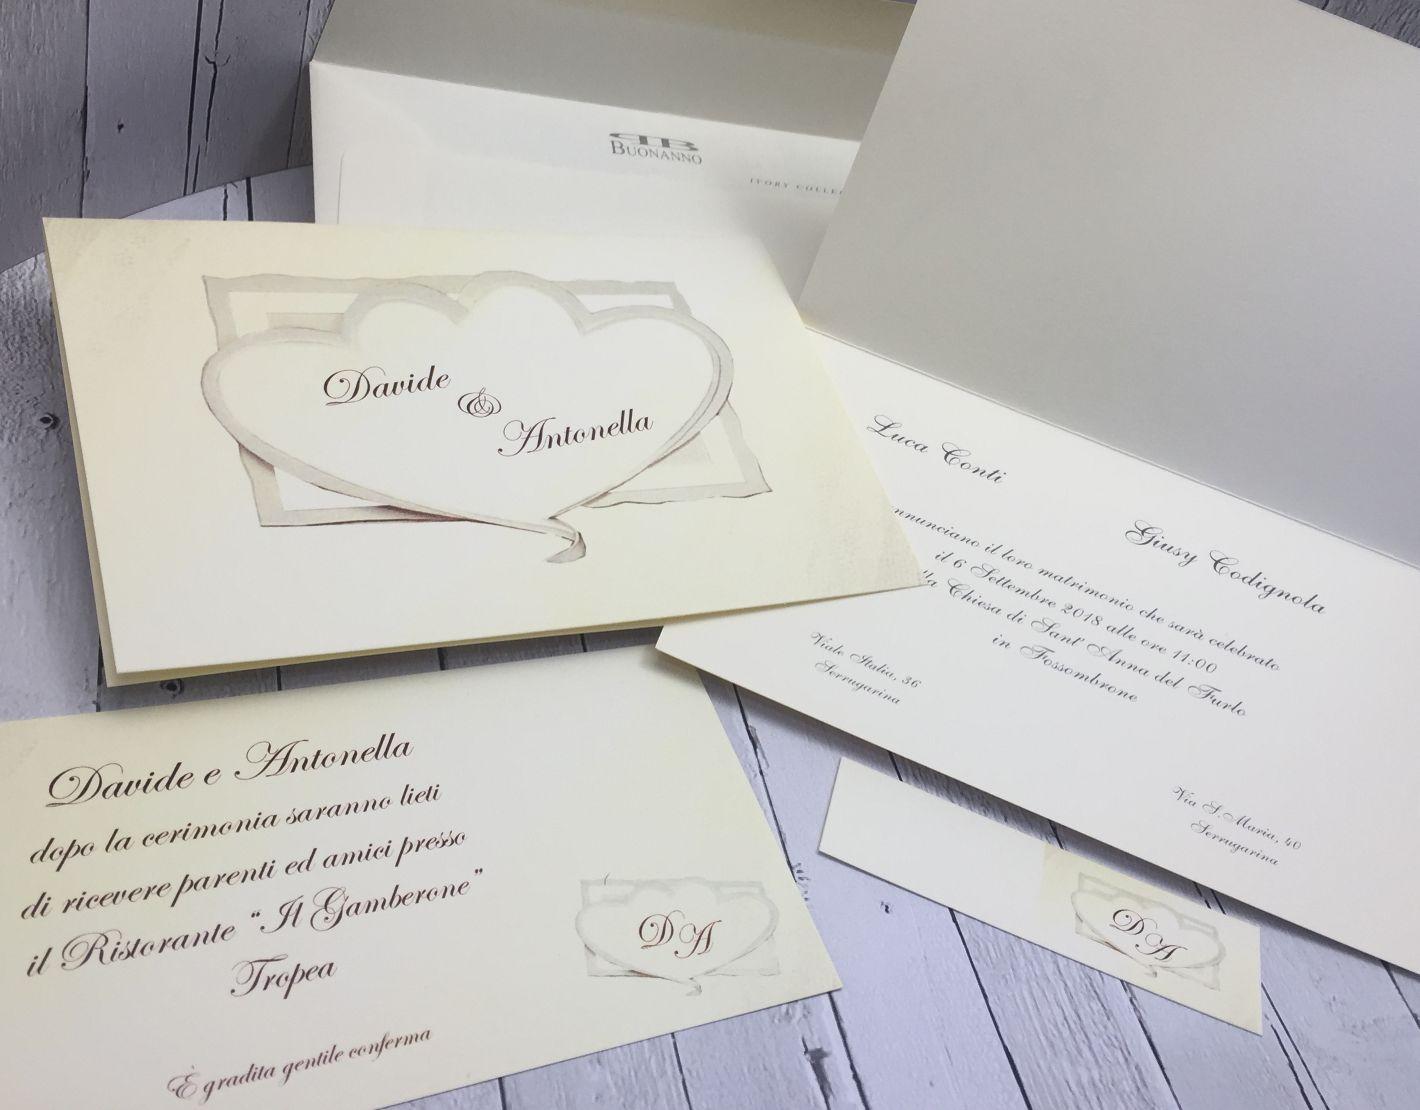 Partecipazioni Matrimonio On Line Low Cost.Partecipazioni Nozze Inviti Matrimonio Buonanno S037 Ebay